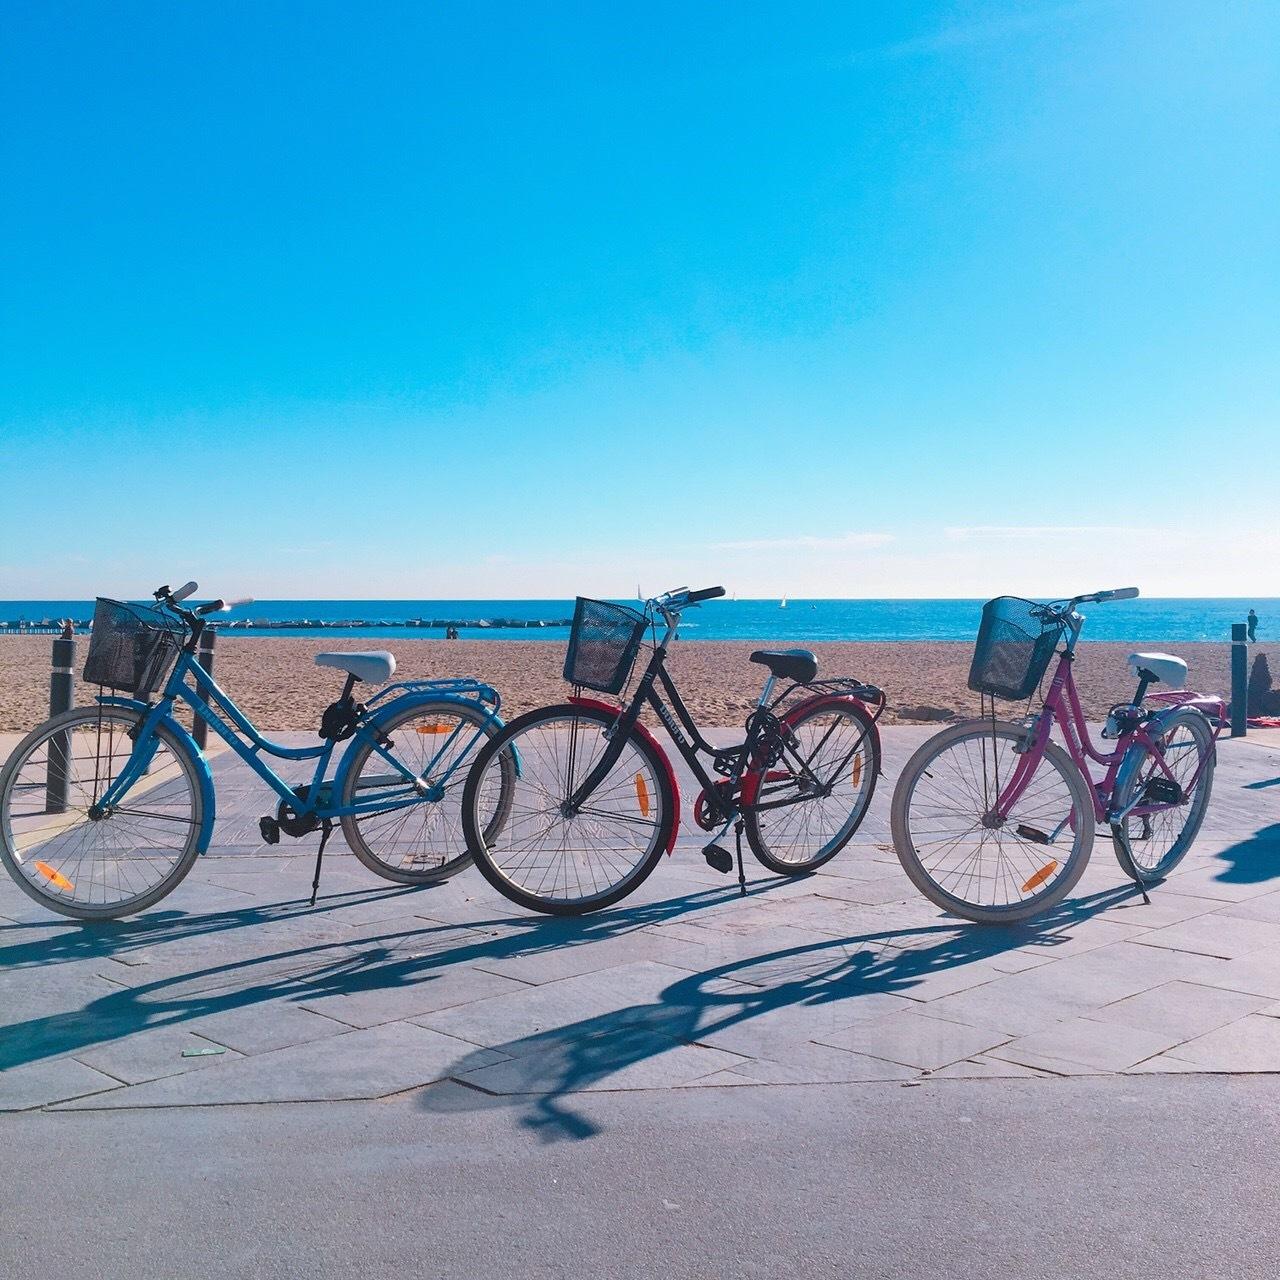 【スペイン】でサイクリングしよう!_1_2-1